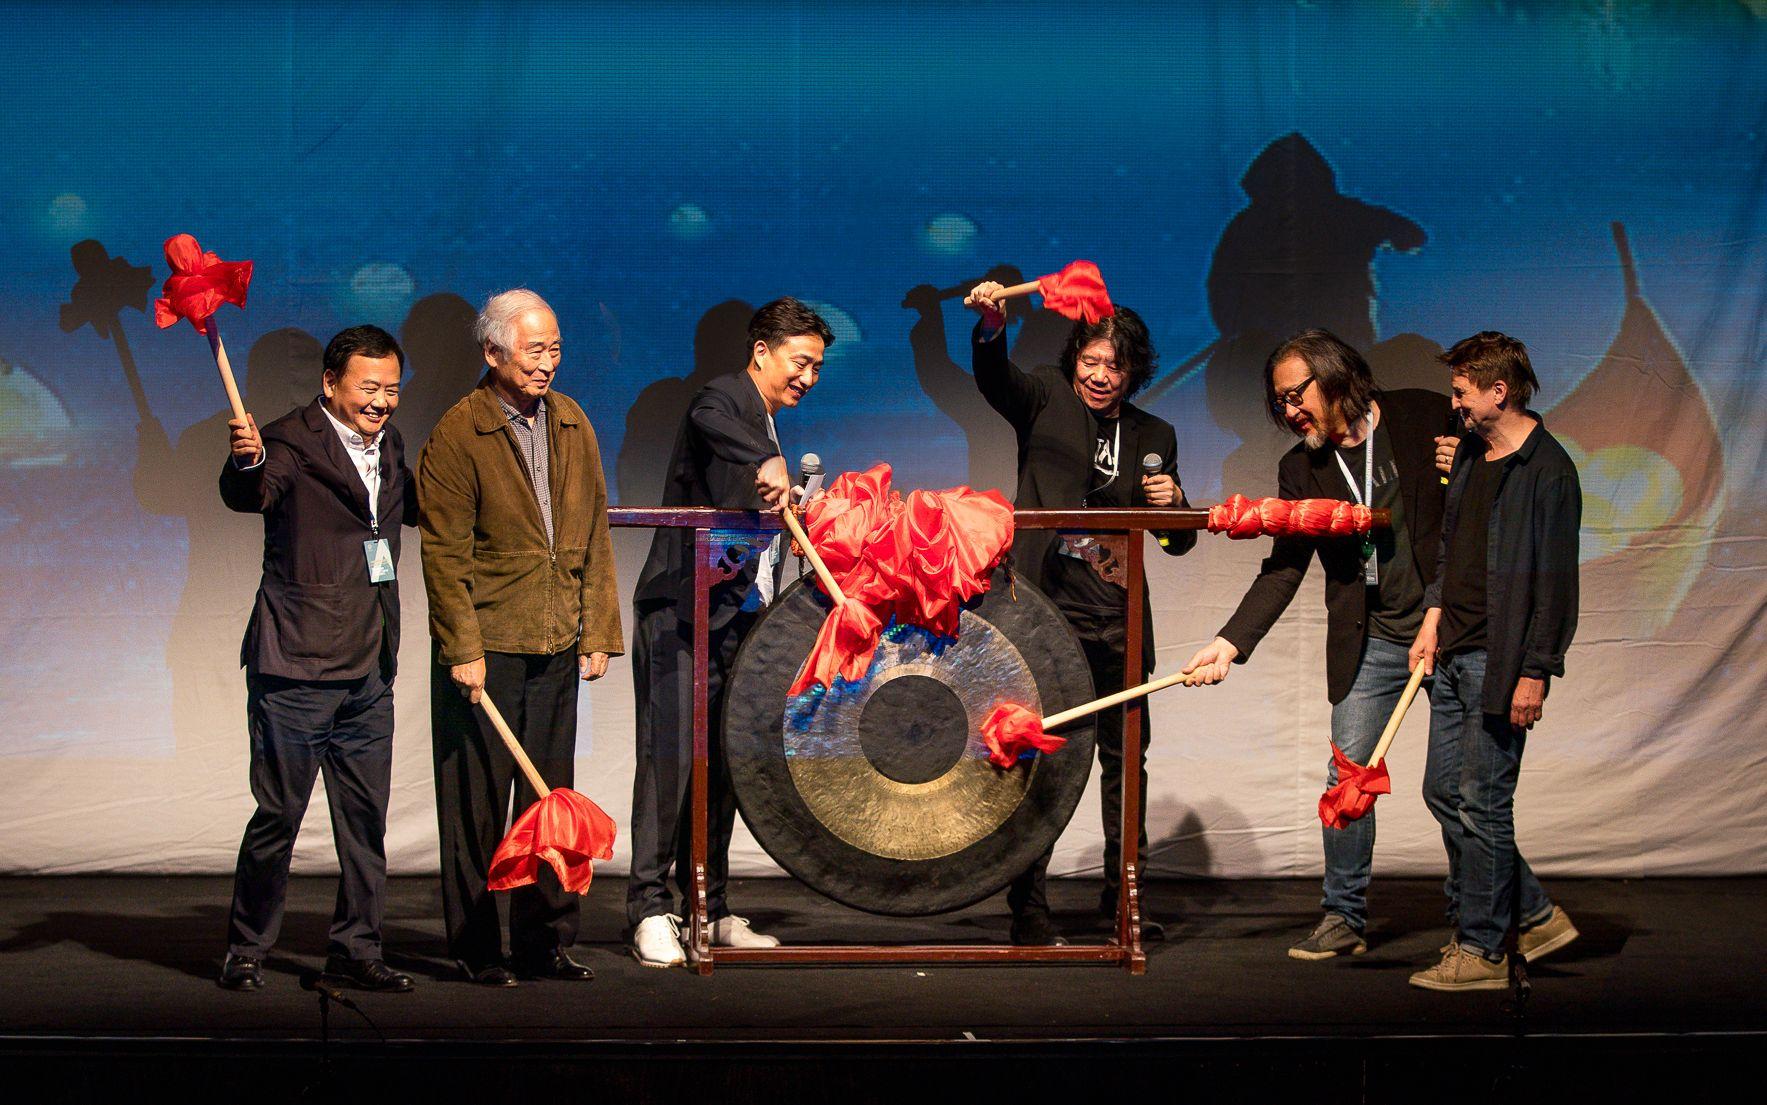 精彩:铃木忠志、黄磊、赖声川、孟京辉等敲响乌镇戏剧节开幕锣